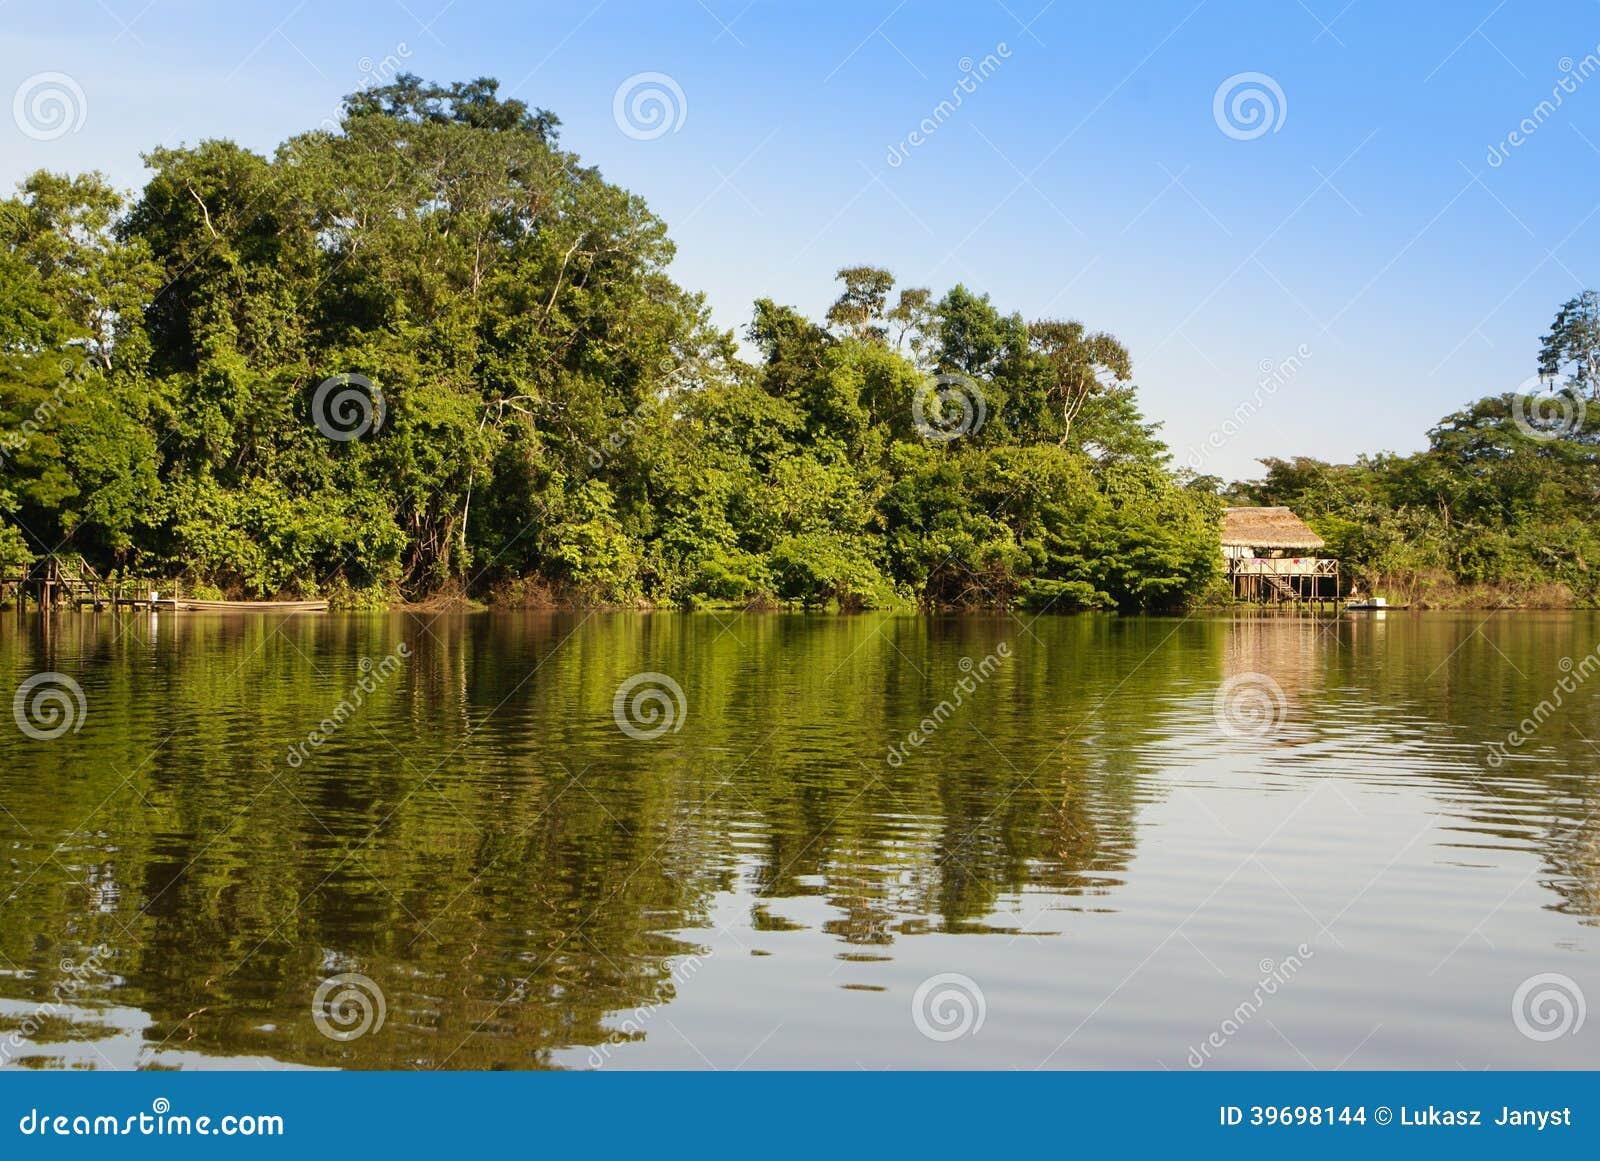 Περού, περουβιανό τοπίο Amazonas. Η φωτογραφία παρόν χαρακτηριστικό IND